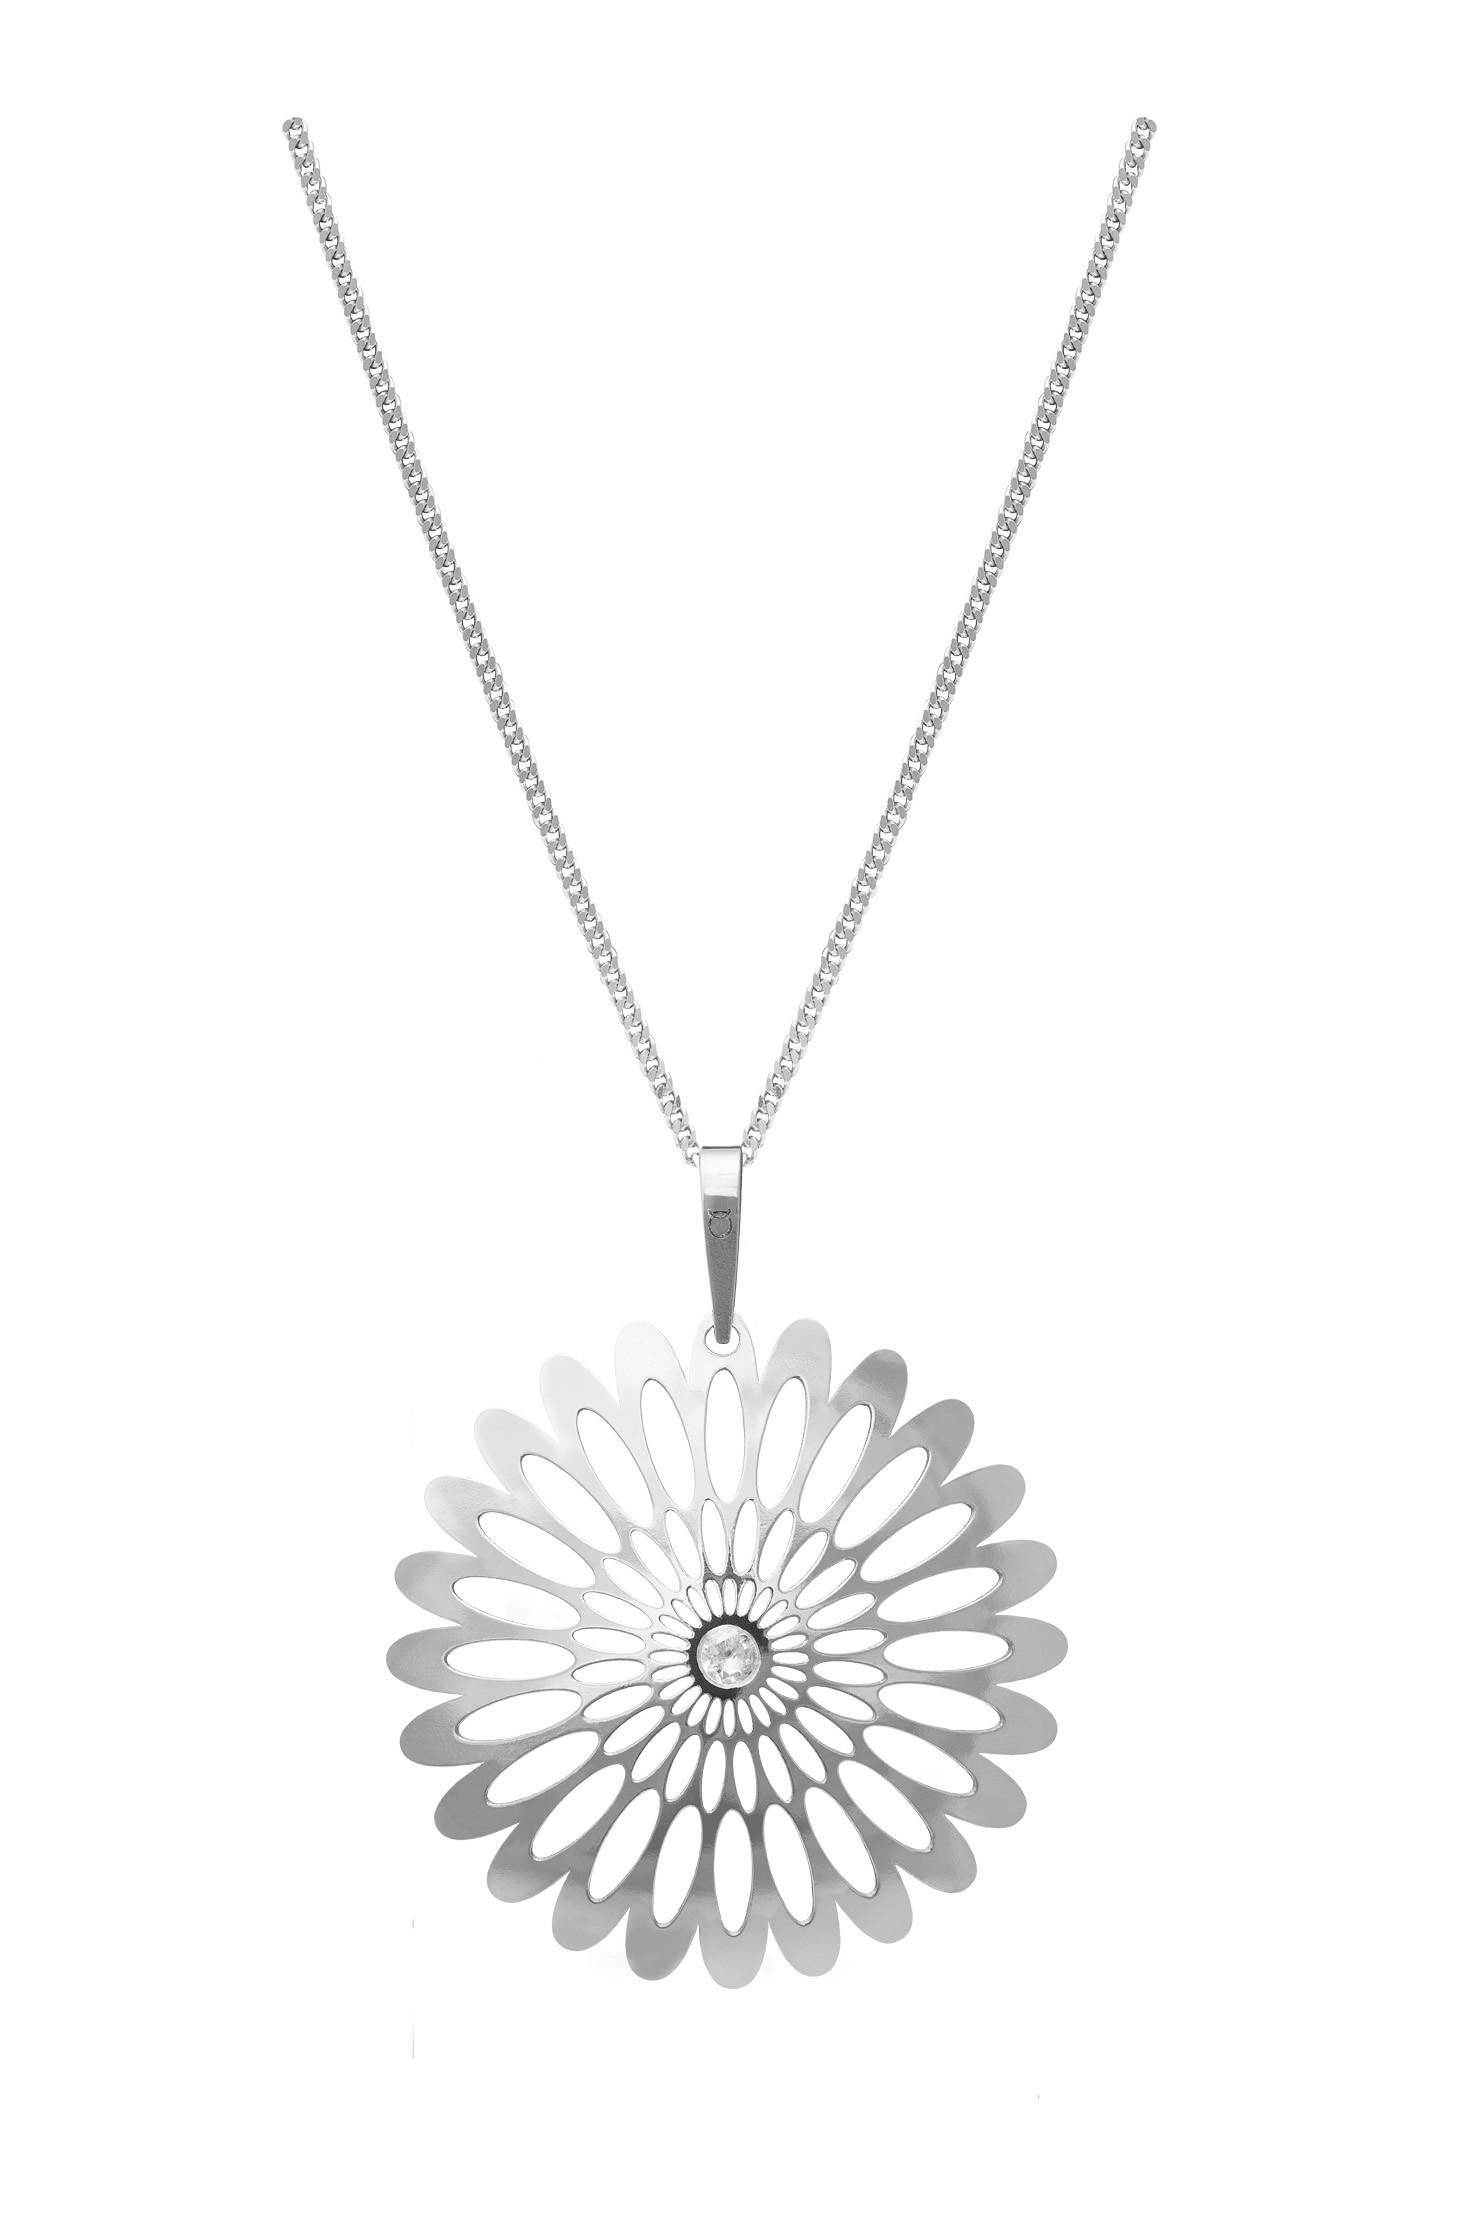 Stříbrný přívěsek na řetízku KO0941M_CU040_50 Shining Blossom